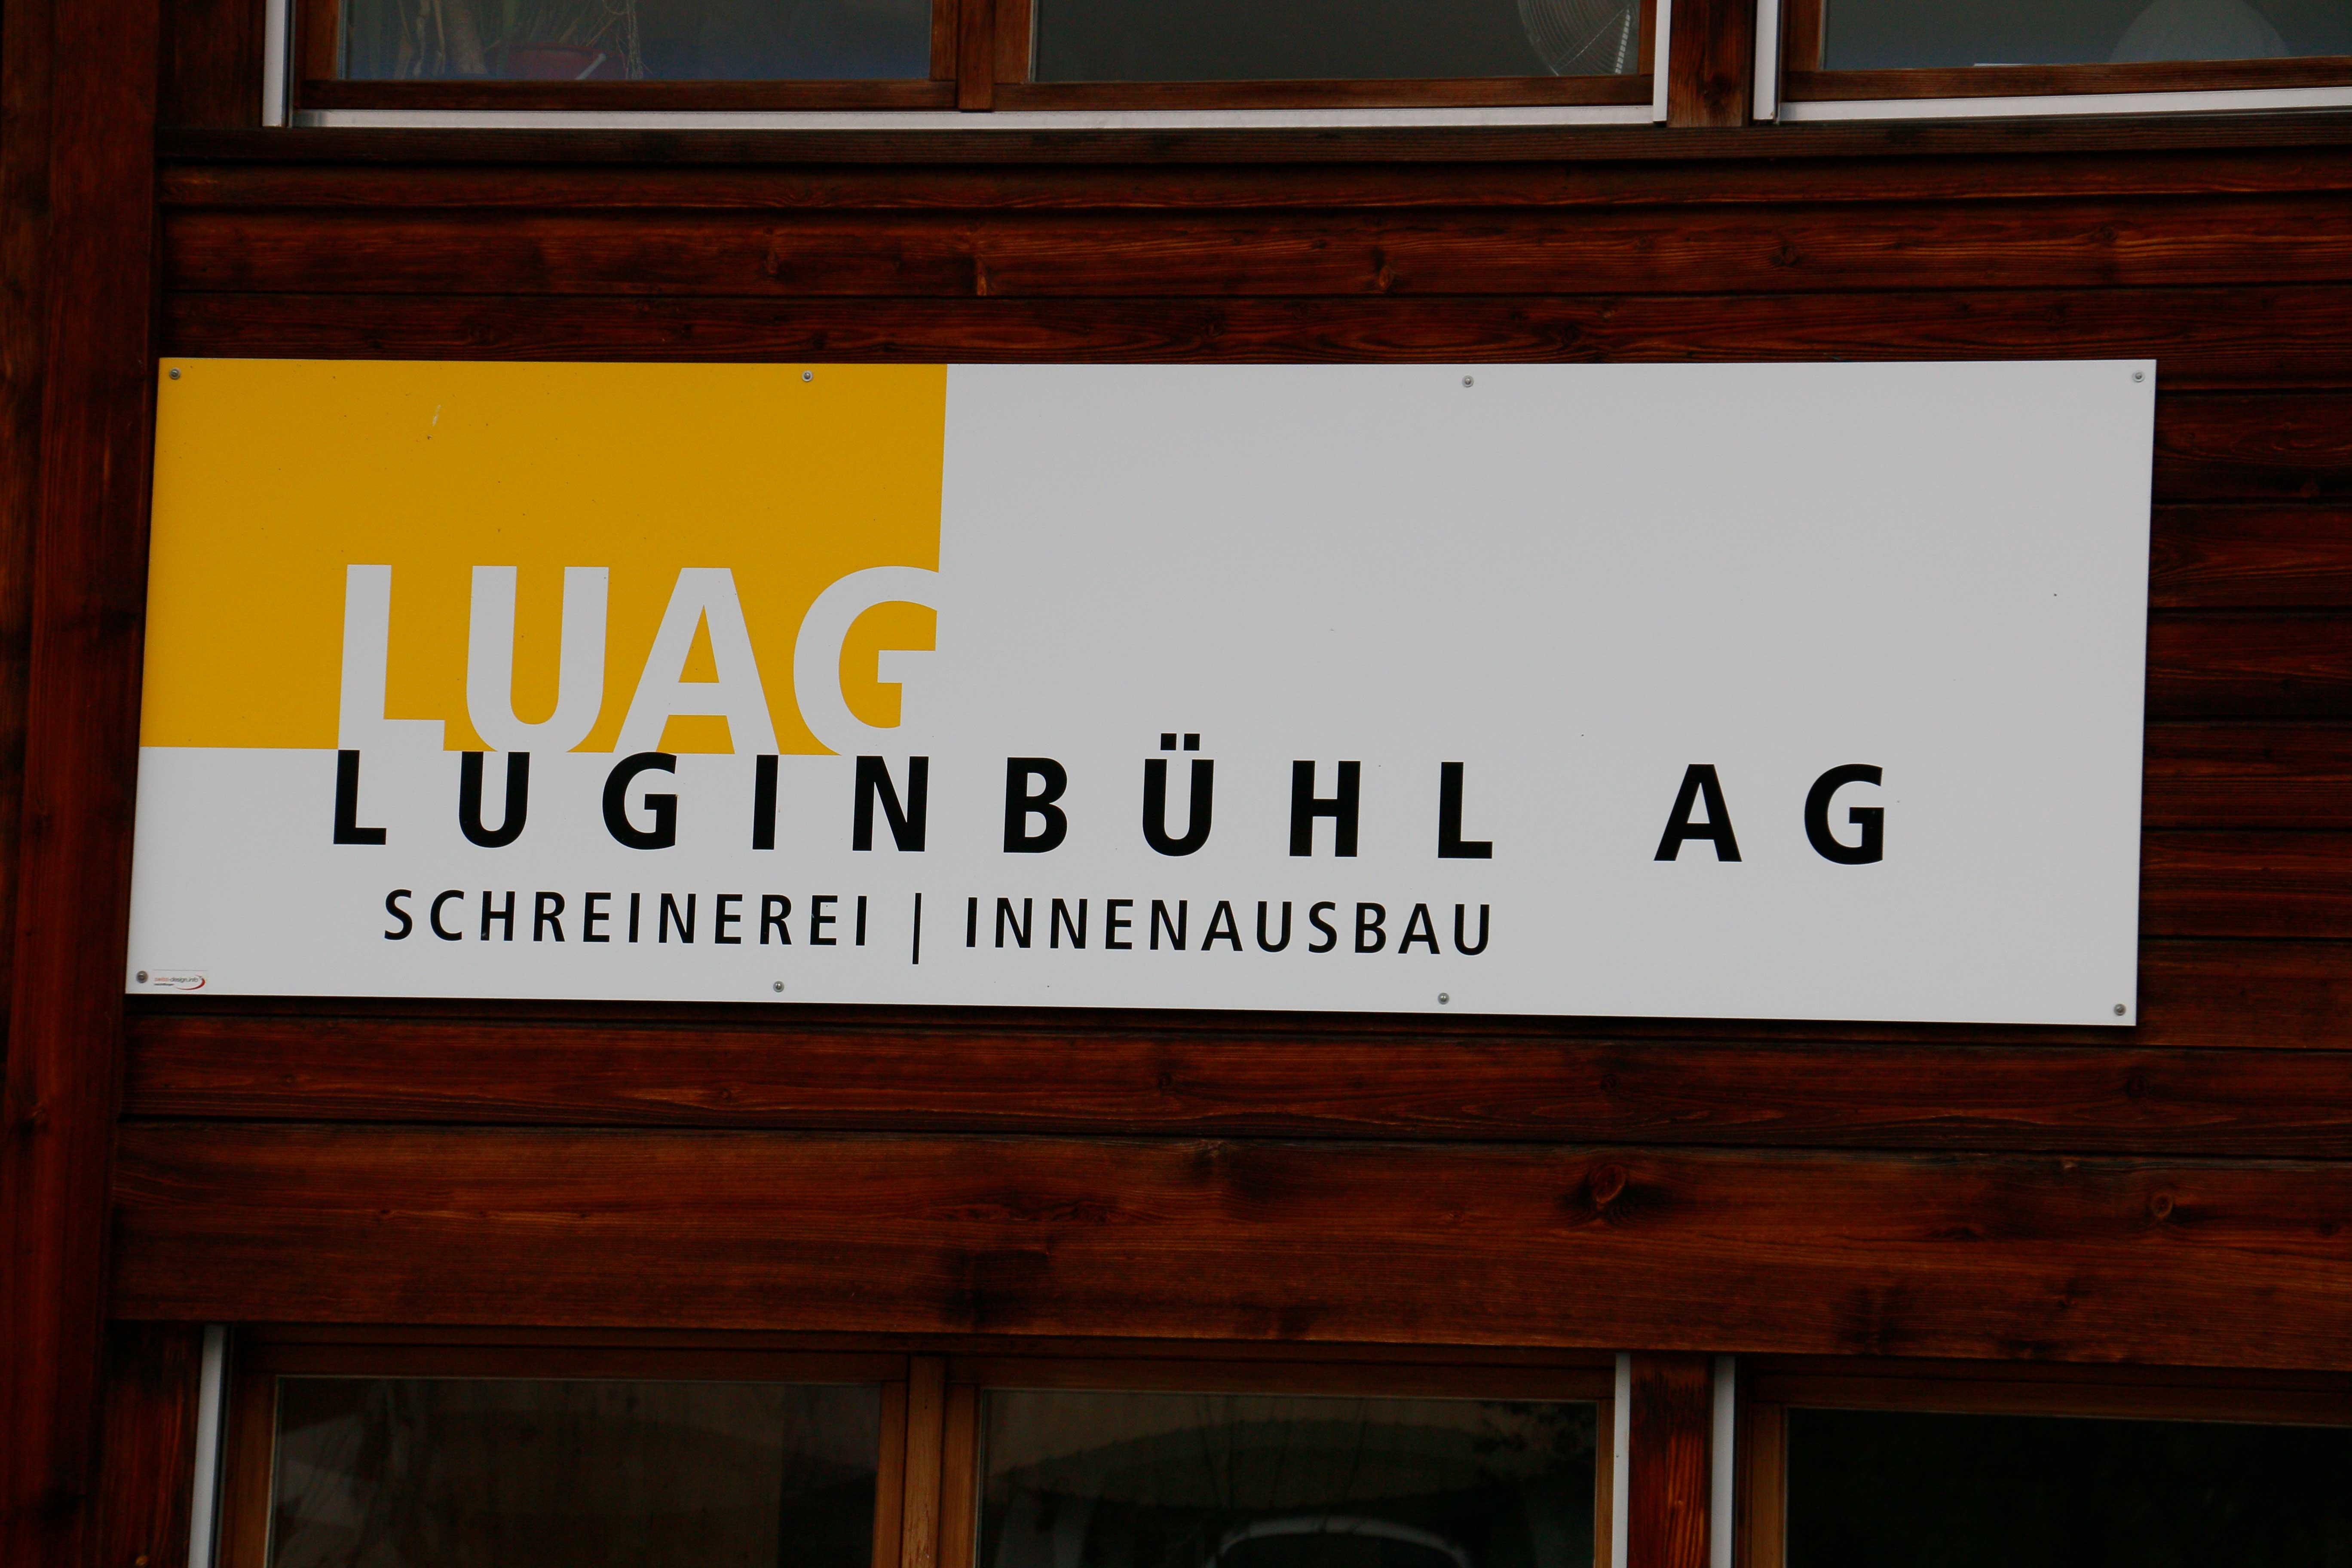 LUAG Luginbühl AG